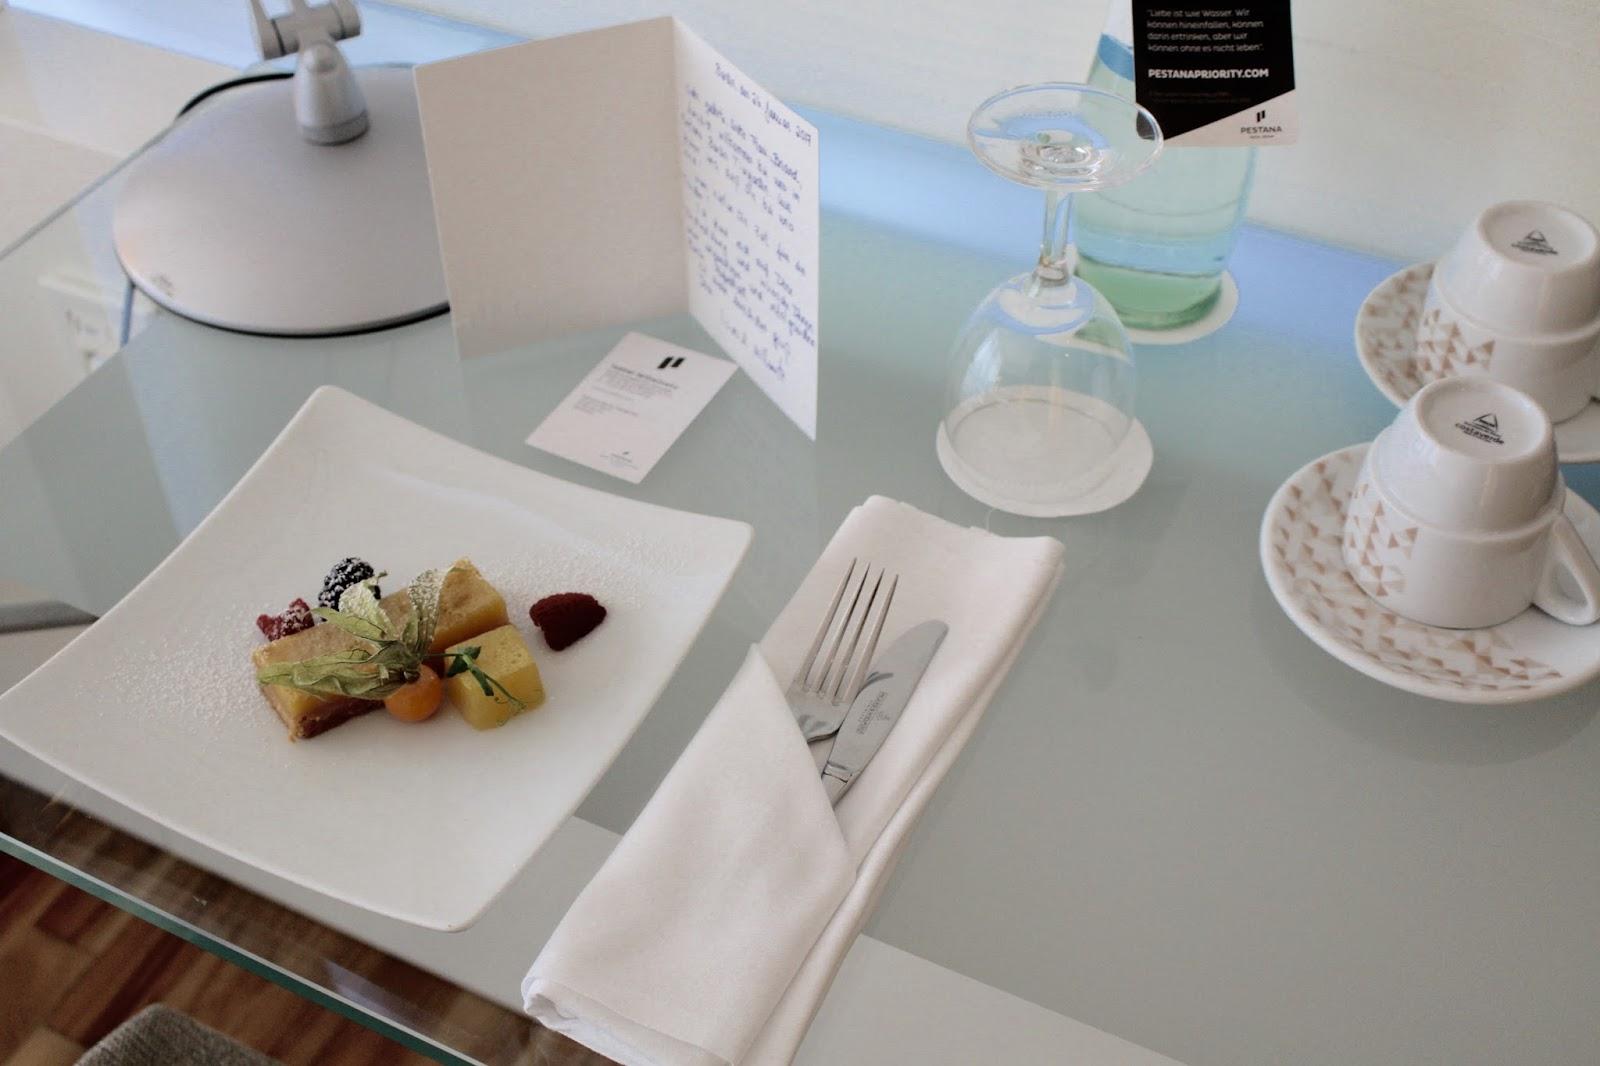 Willkommensgruß aus der Hotelküche des Pestana Hotels Berlin